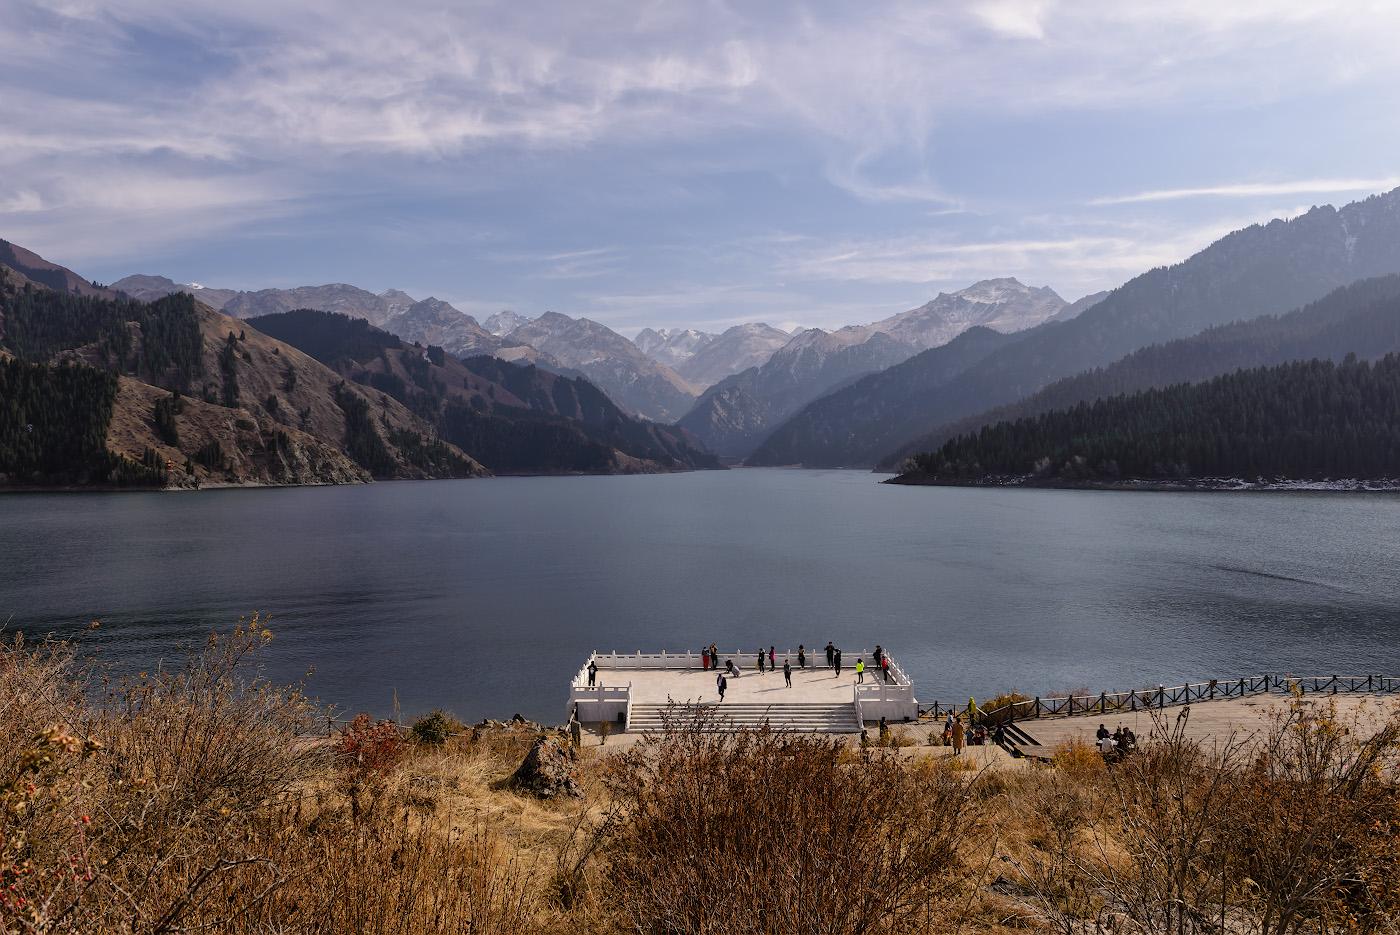 Фото 7. Озеро Тяньчи (Tianchi Lake) в горах Сяншань в окрестностях Урумчи. Как мы съездили в Китай самостоятельно третий раз. 1/500, -1.0, 8.0, 100, 24.